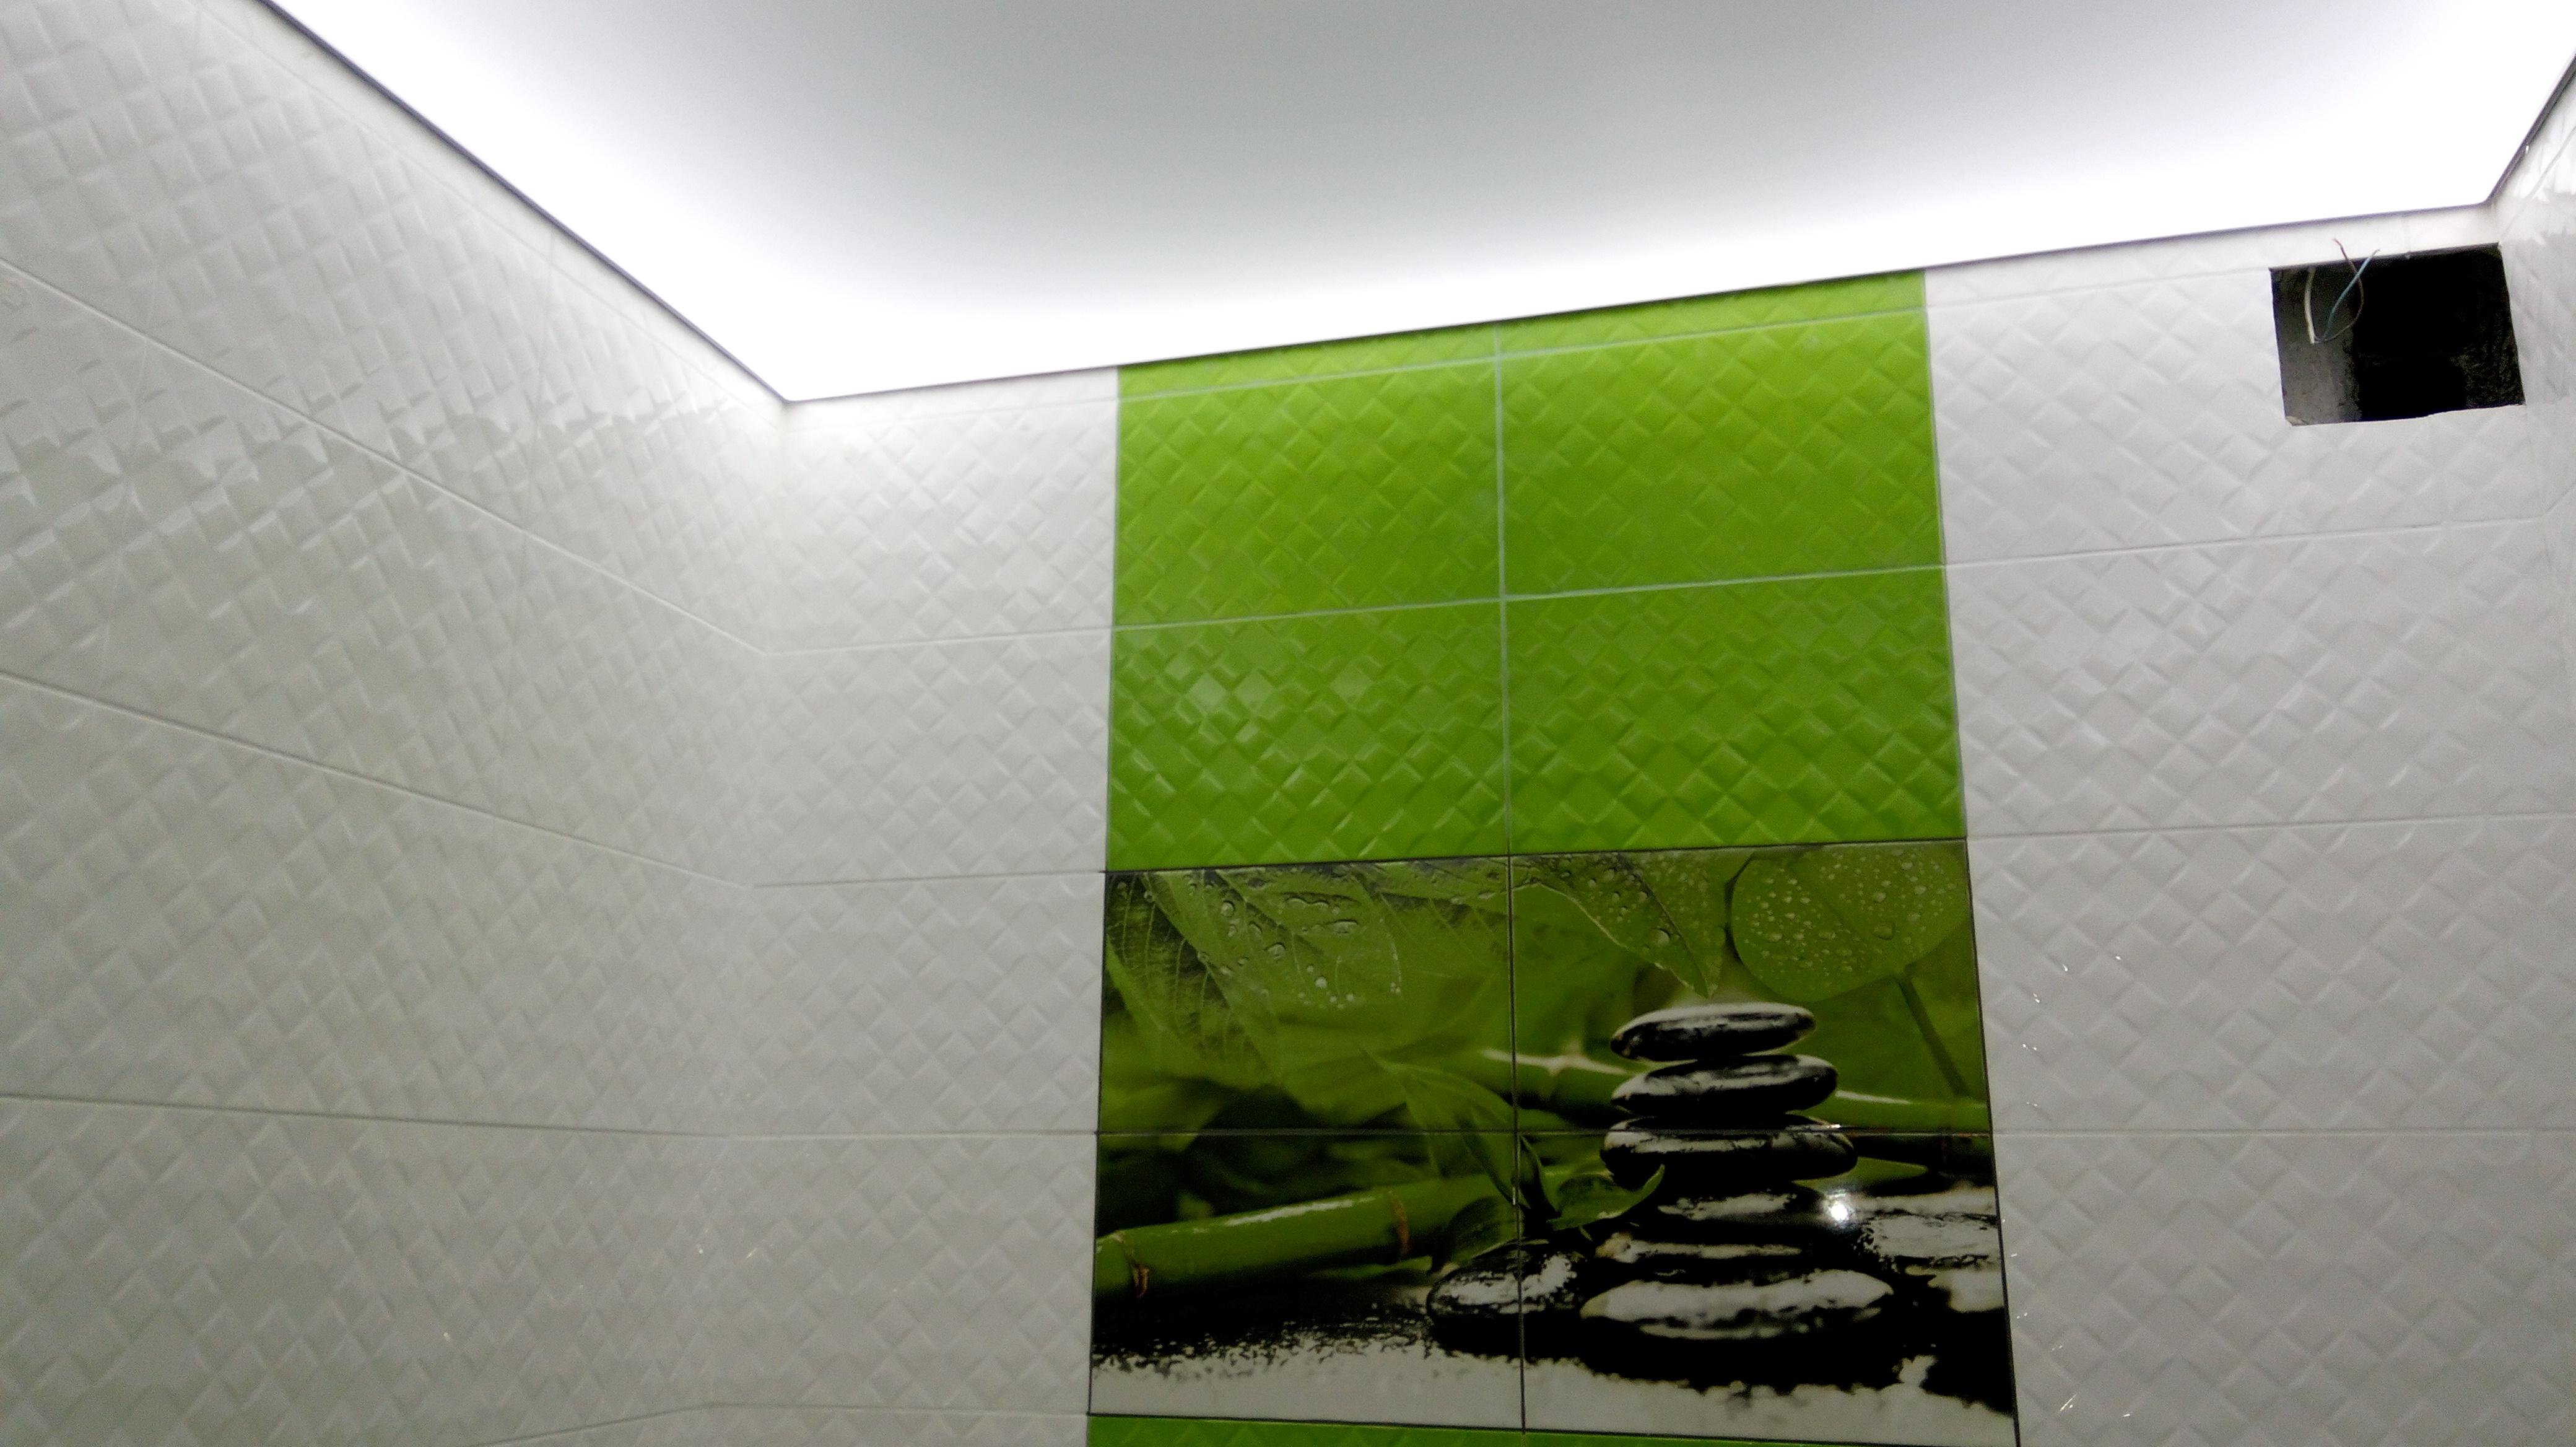 Фото Натяжной потолок с полупрозрачным матовым полотном и светодиодной подсветкой. Выглядит очень модно и современно. Как из фильма о будущем. Так же была выполнена укладка плитки на стены и пол.